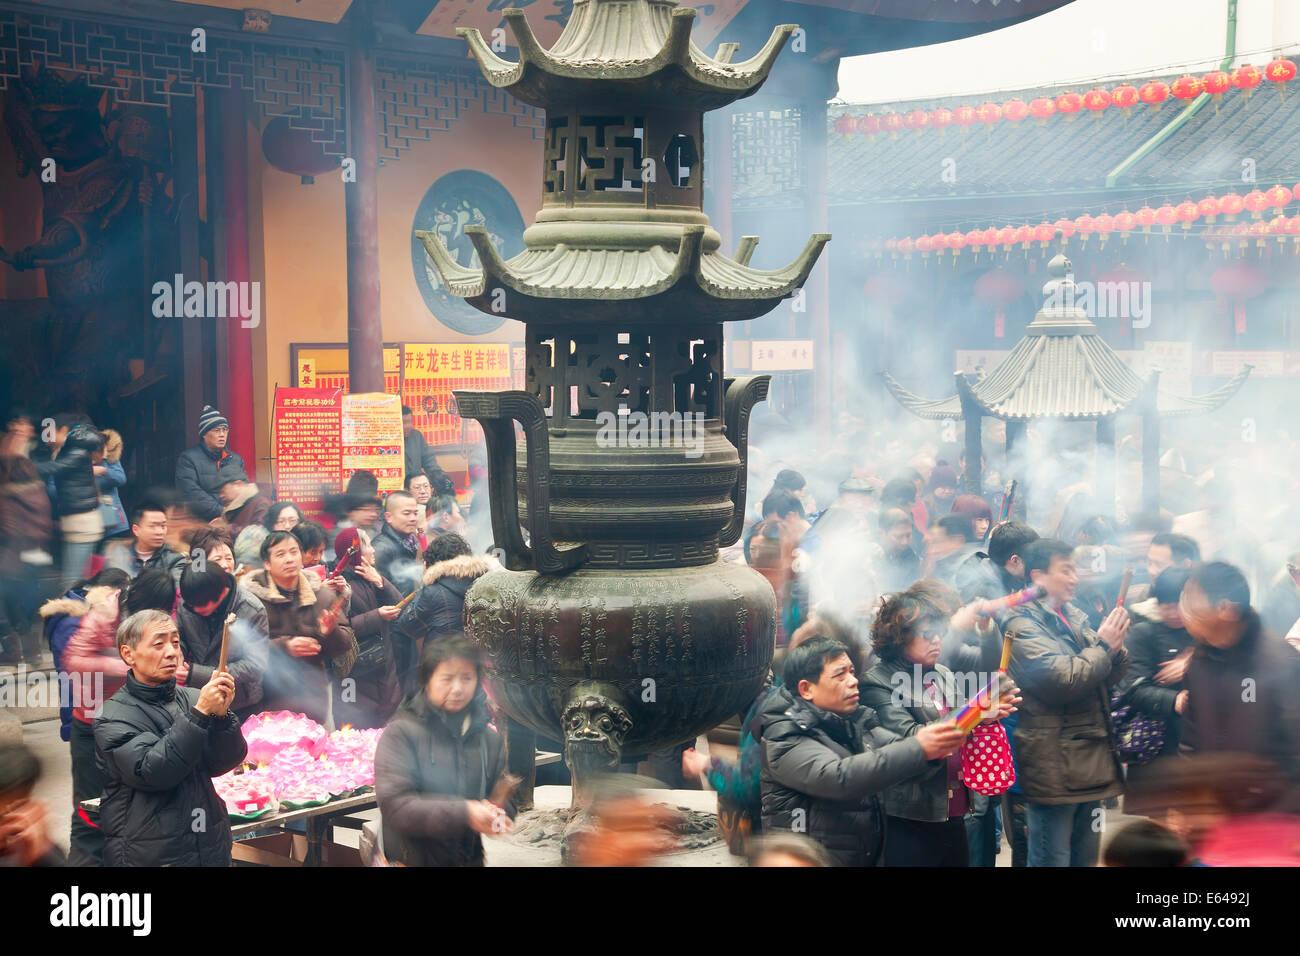 Verbrennen von Weihrauch, Jade-Buddha-Tempel, Shanghai, China Stockbild